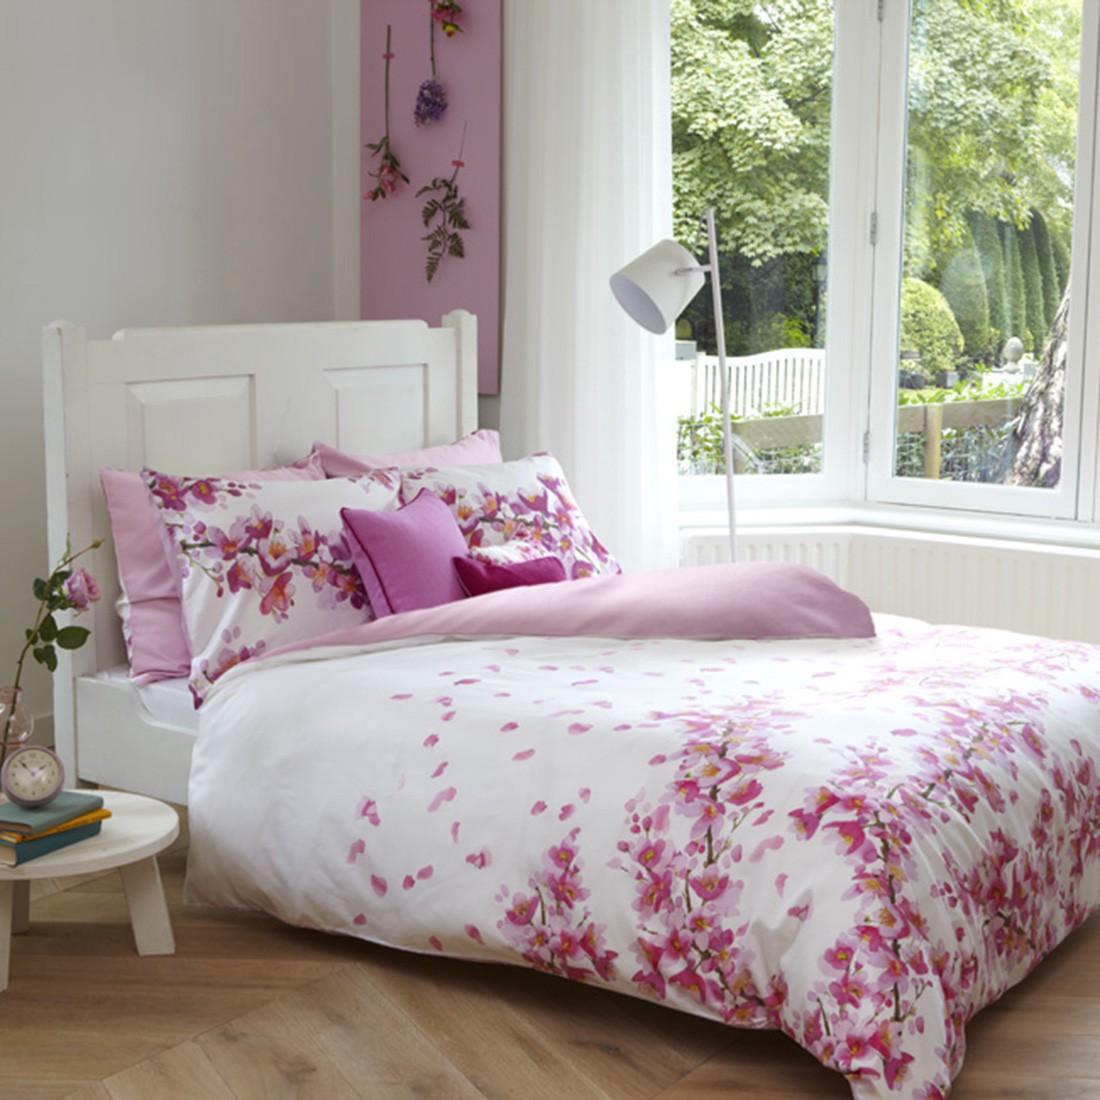 bettw sche tiger baumwolle preisvergleich die besten angebote online kaufen. Black Bedroom Furniture Sets. Home Design Ideas